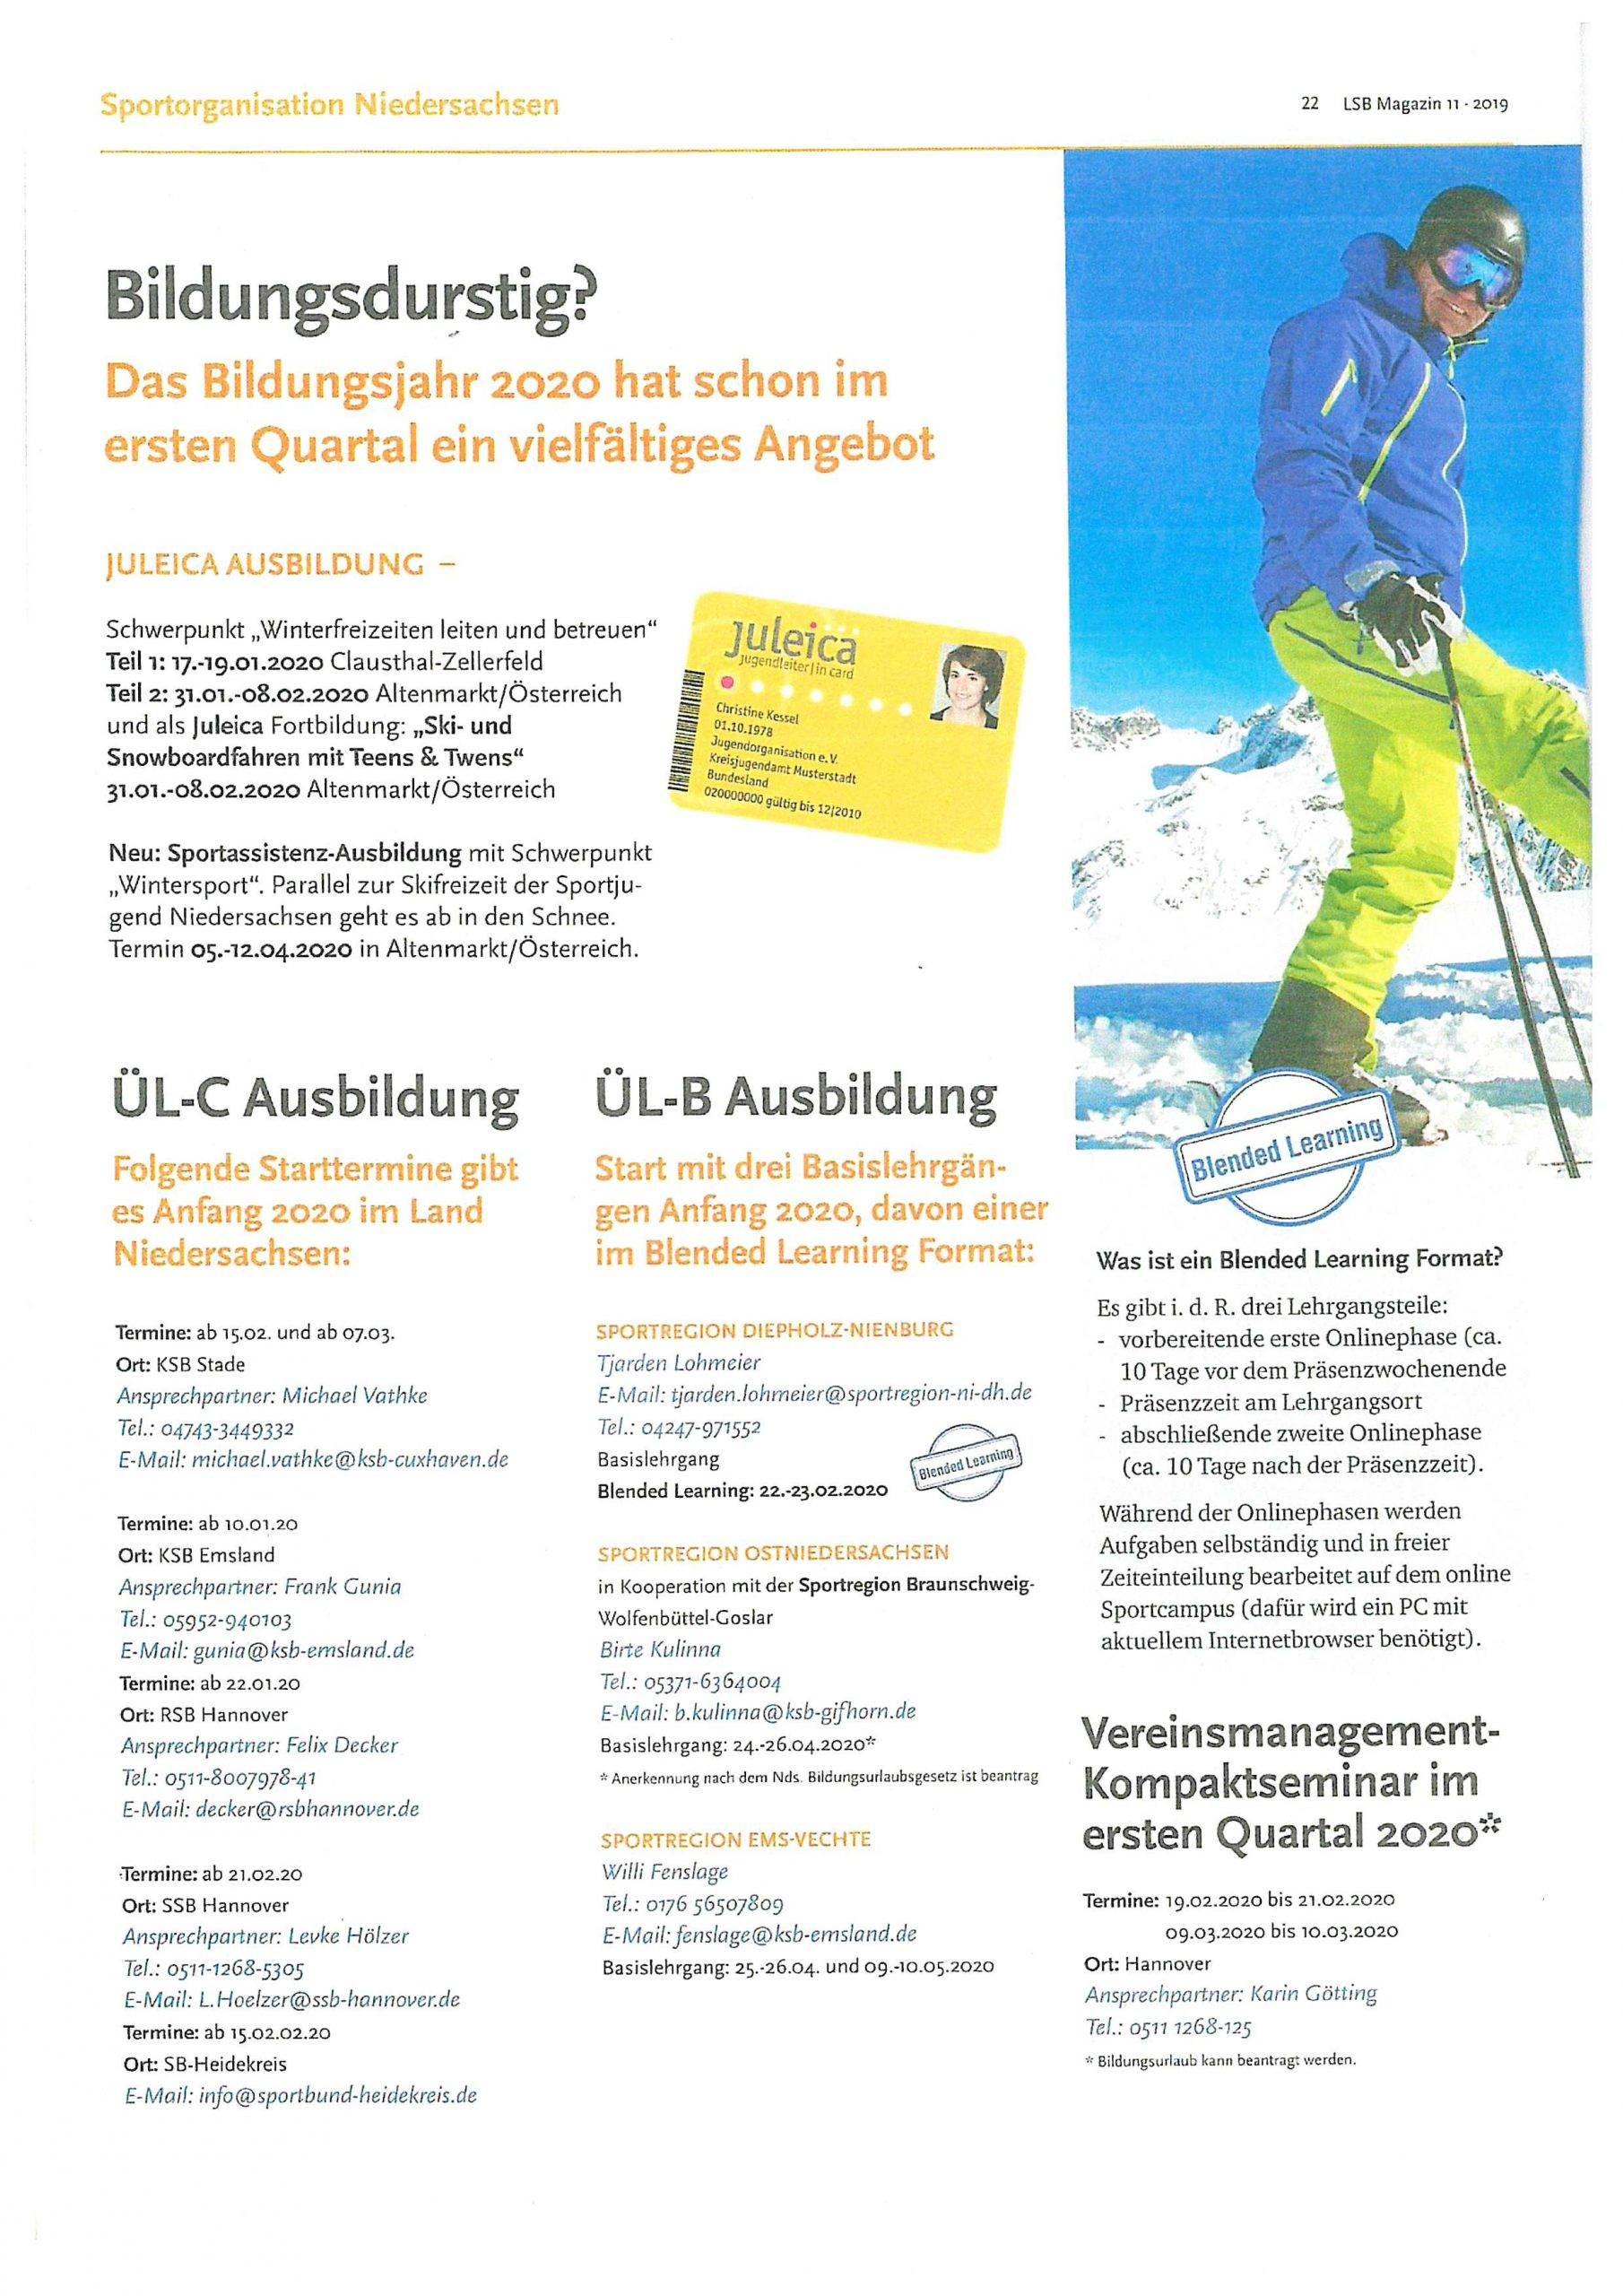 rautenstrauch_c_2020-01-20_08-08-17